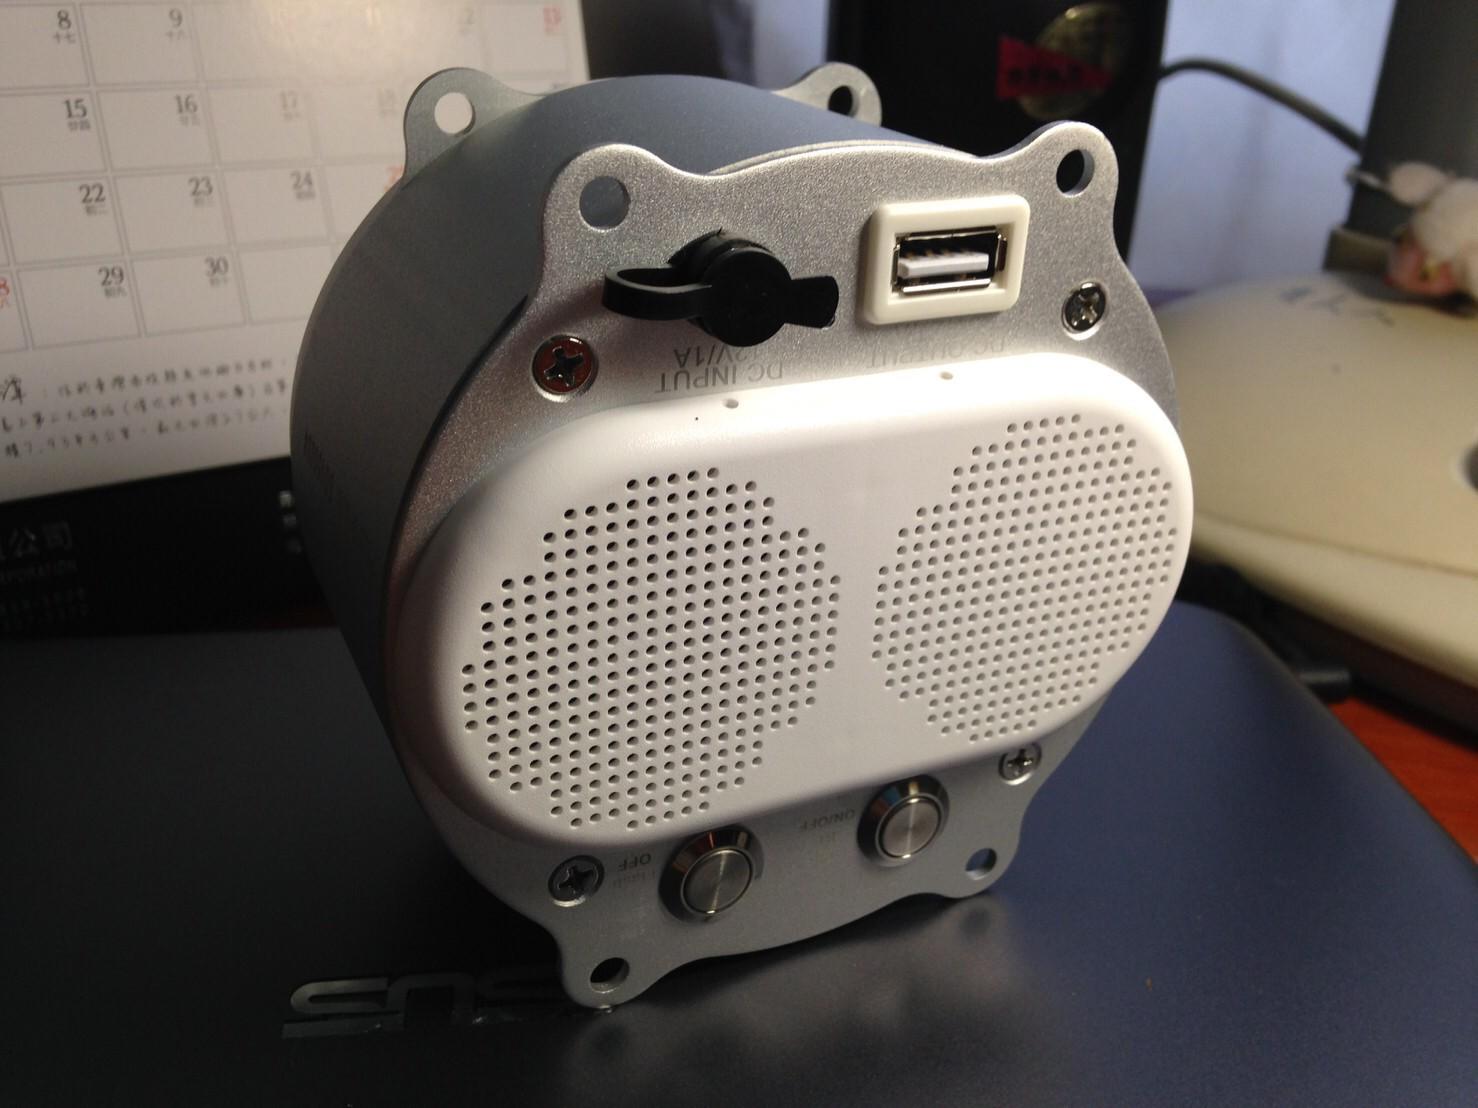 高品質藍芽喇叭,LED照明燈與行動USB電源多功能裝置